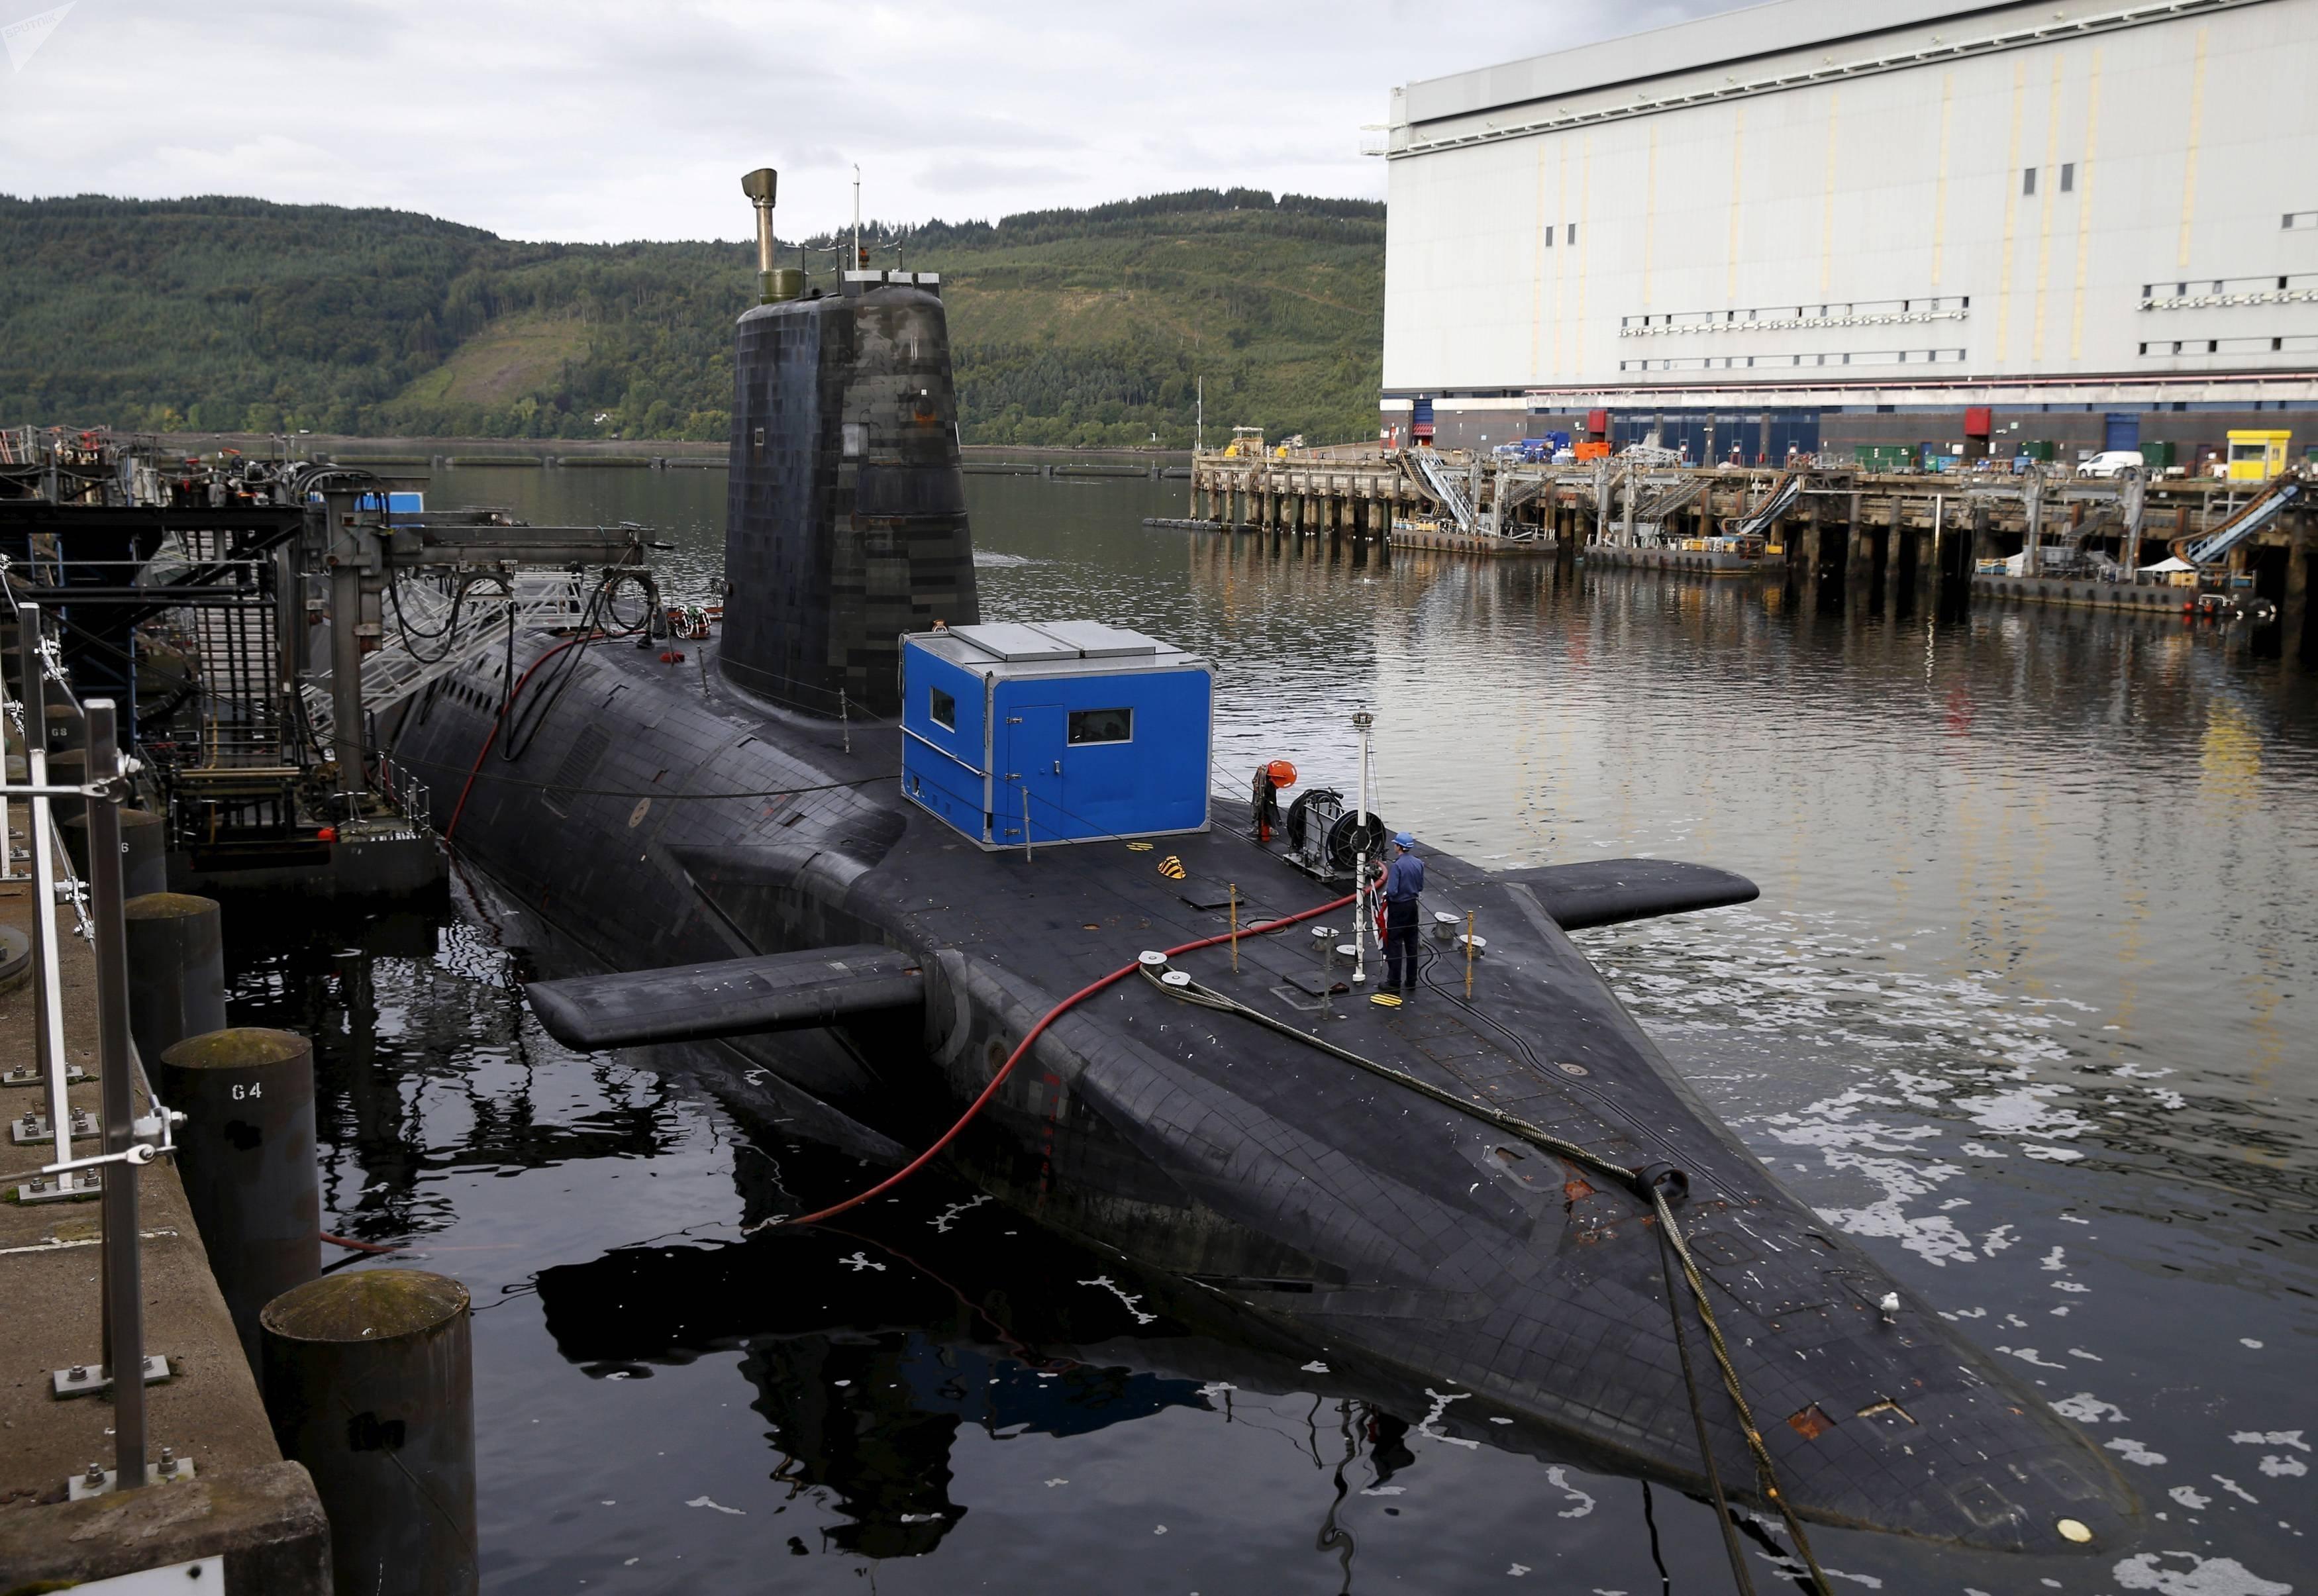 Un submarino nuclear en la base naval de la Marina Real Británica en Faslane, Escocia